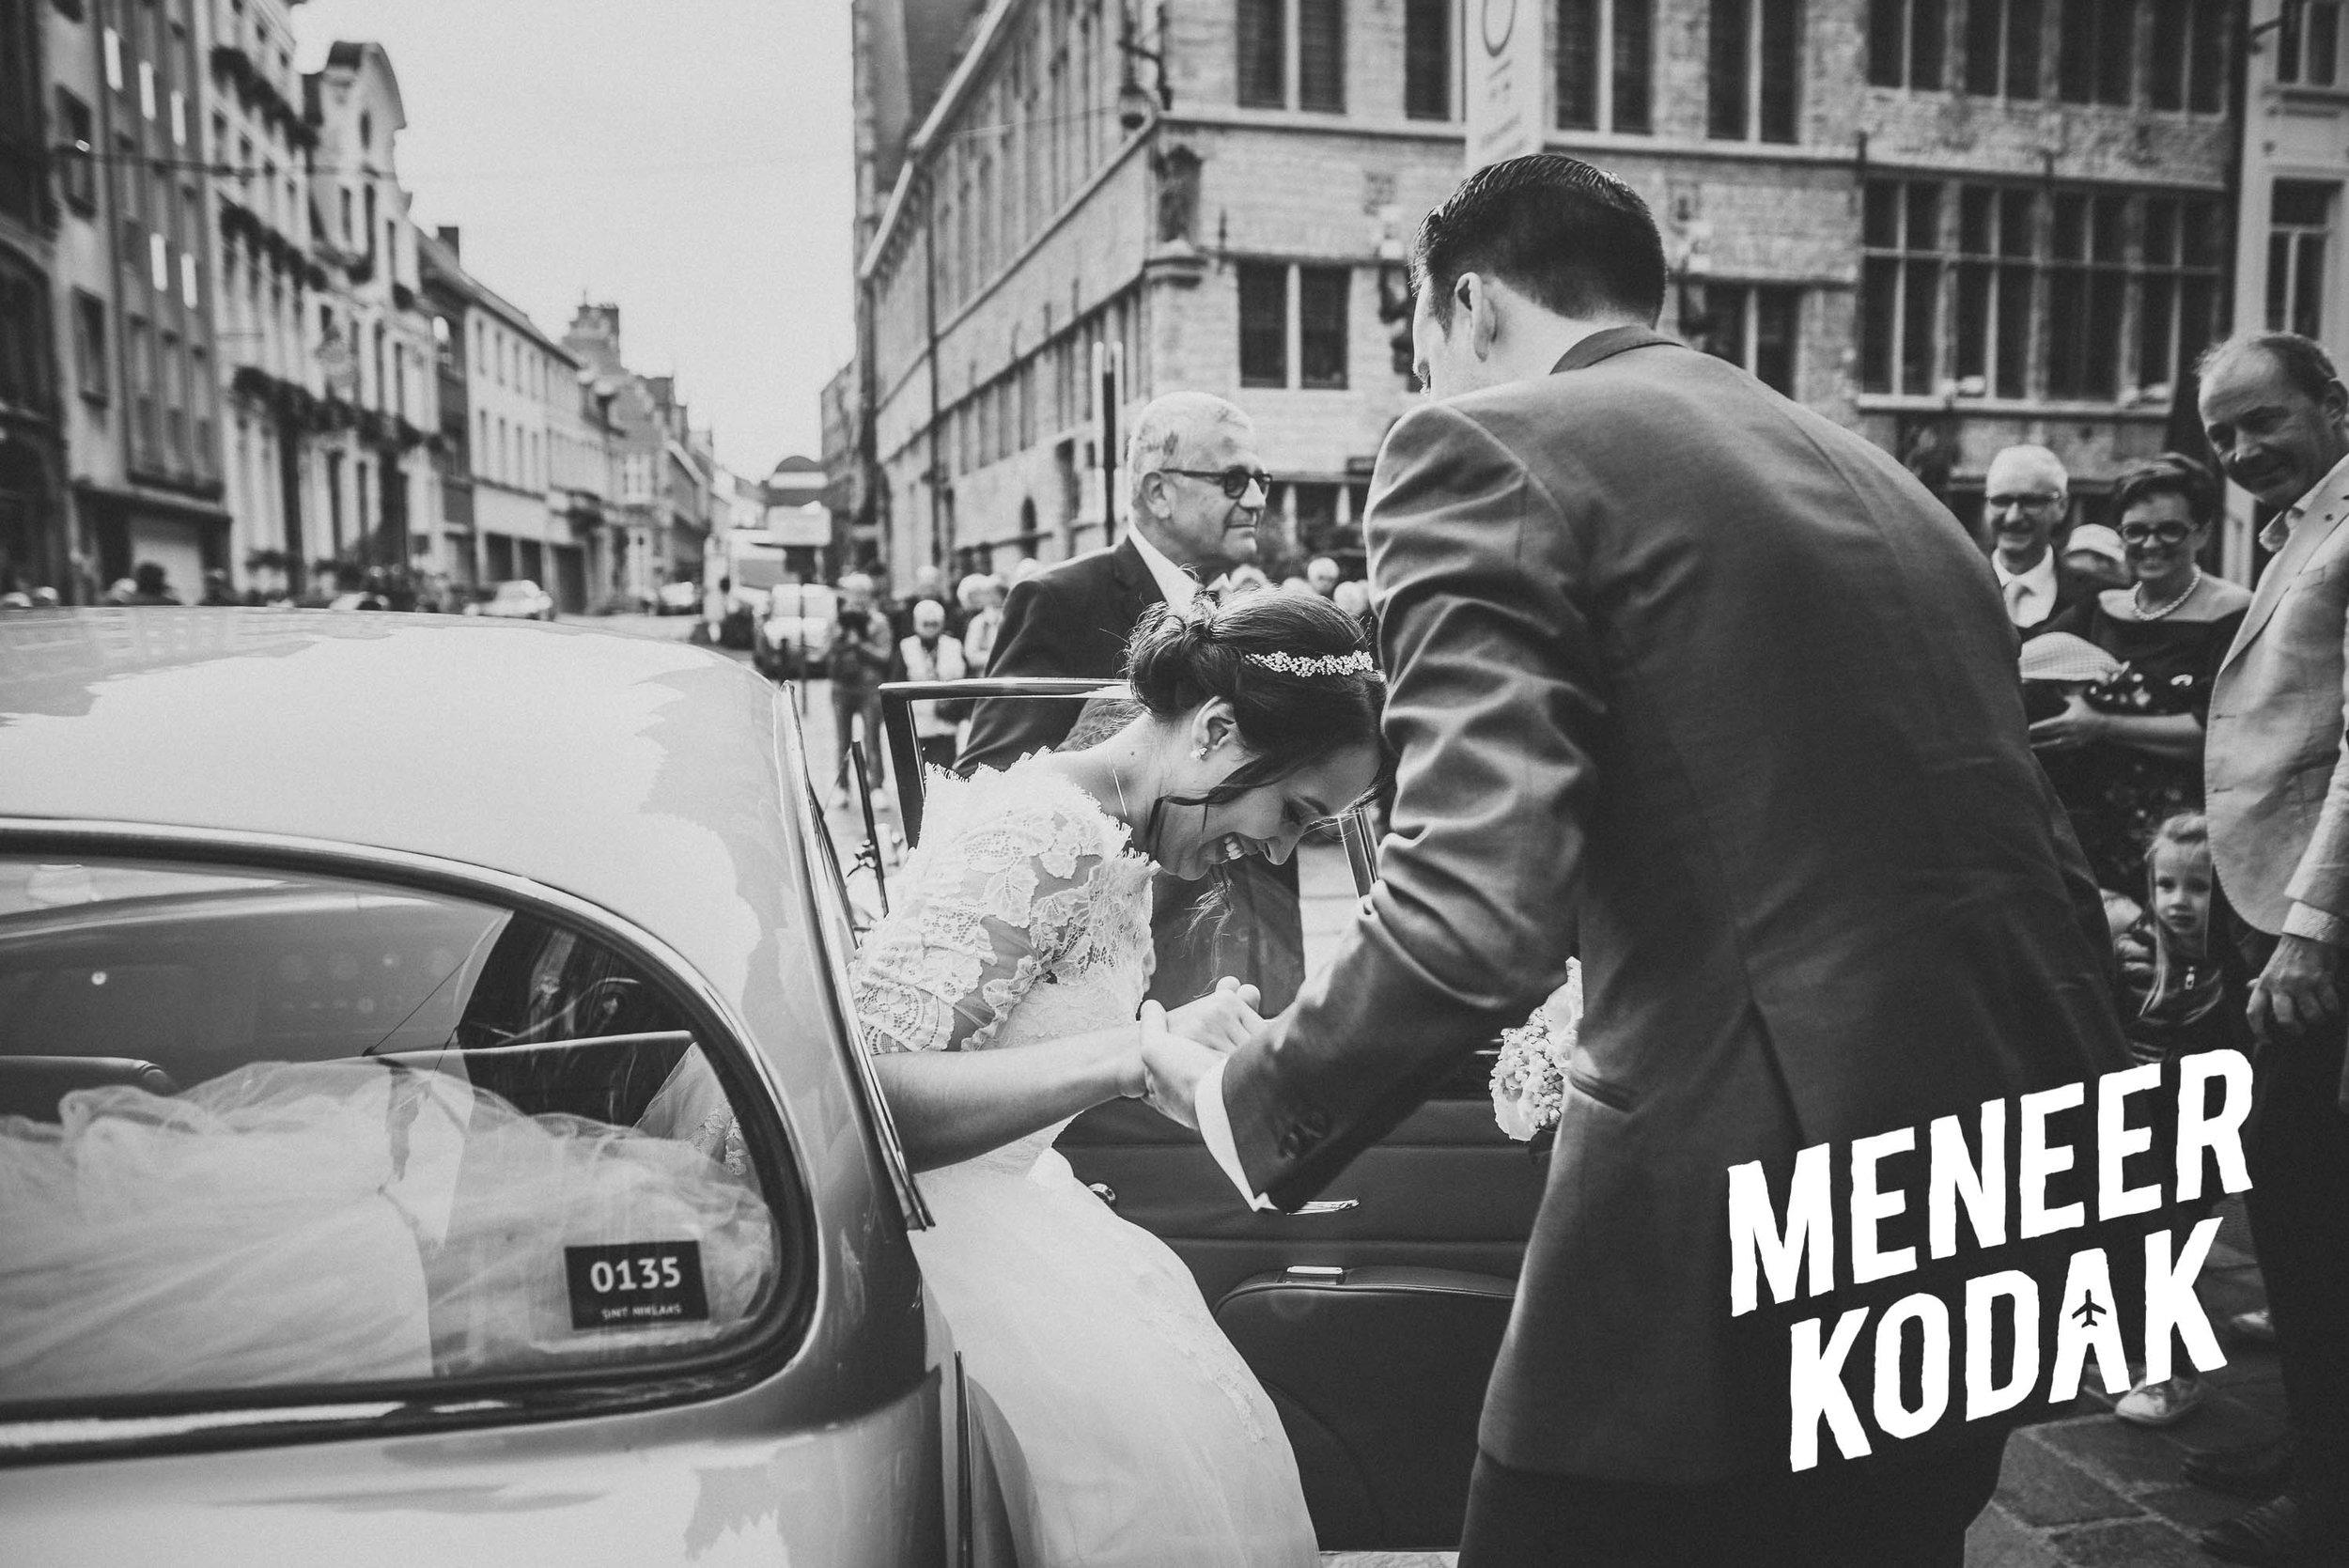 Meneer Kodak - Trouwfotograaf - Gent - D&T-021.jpg